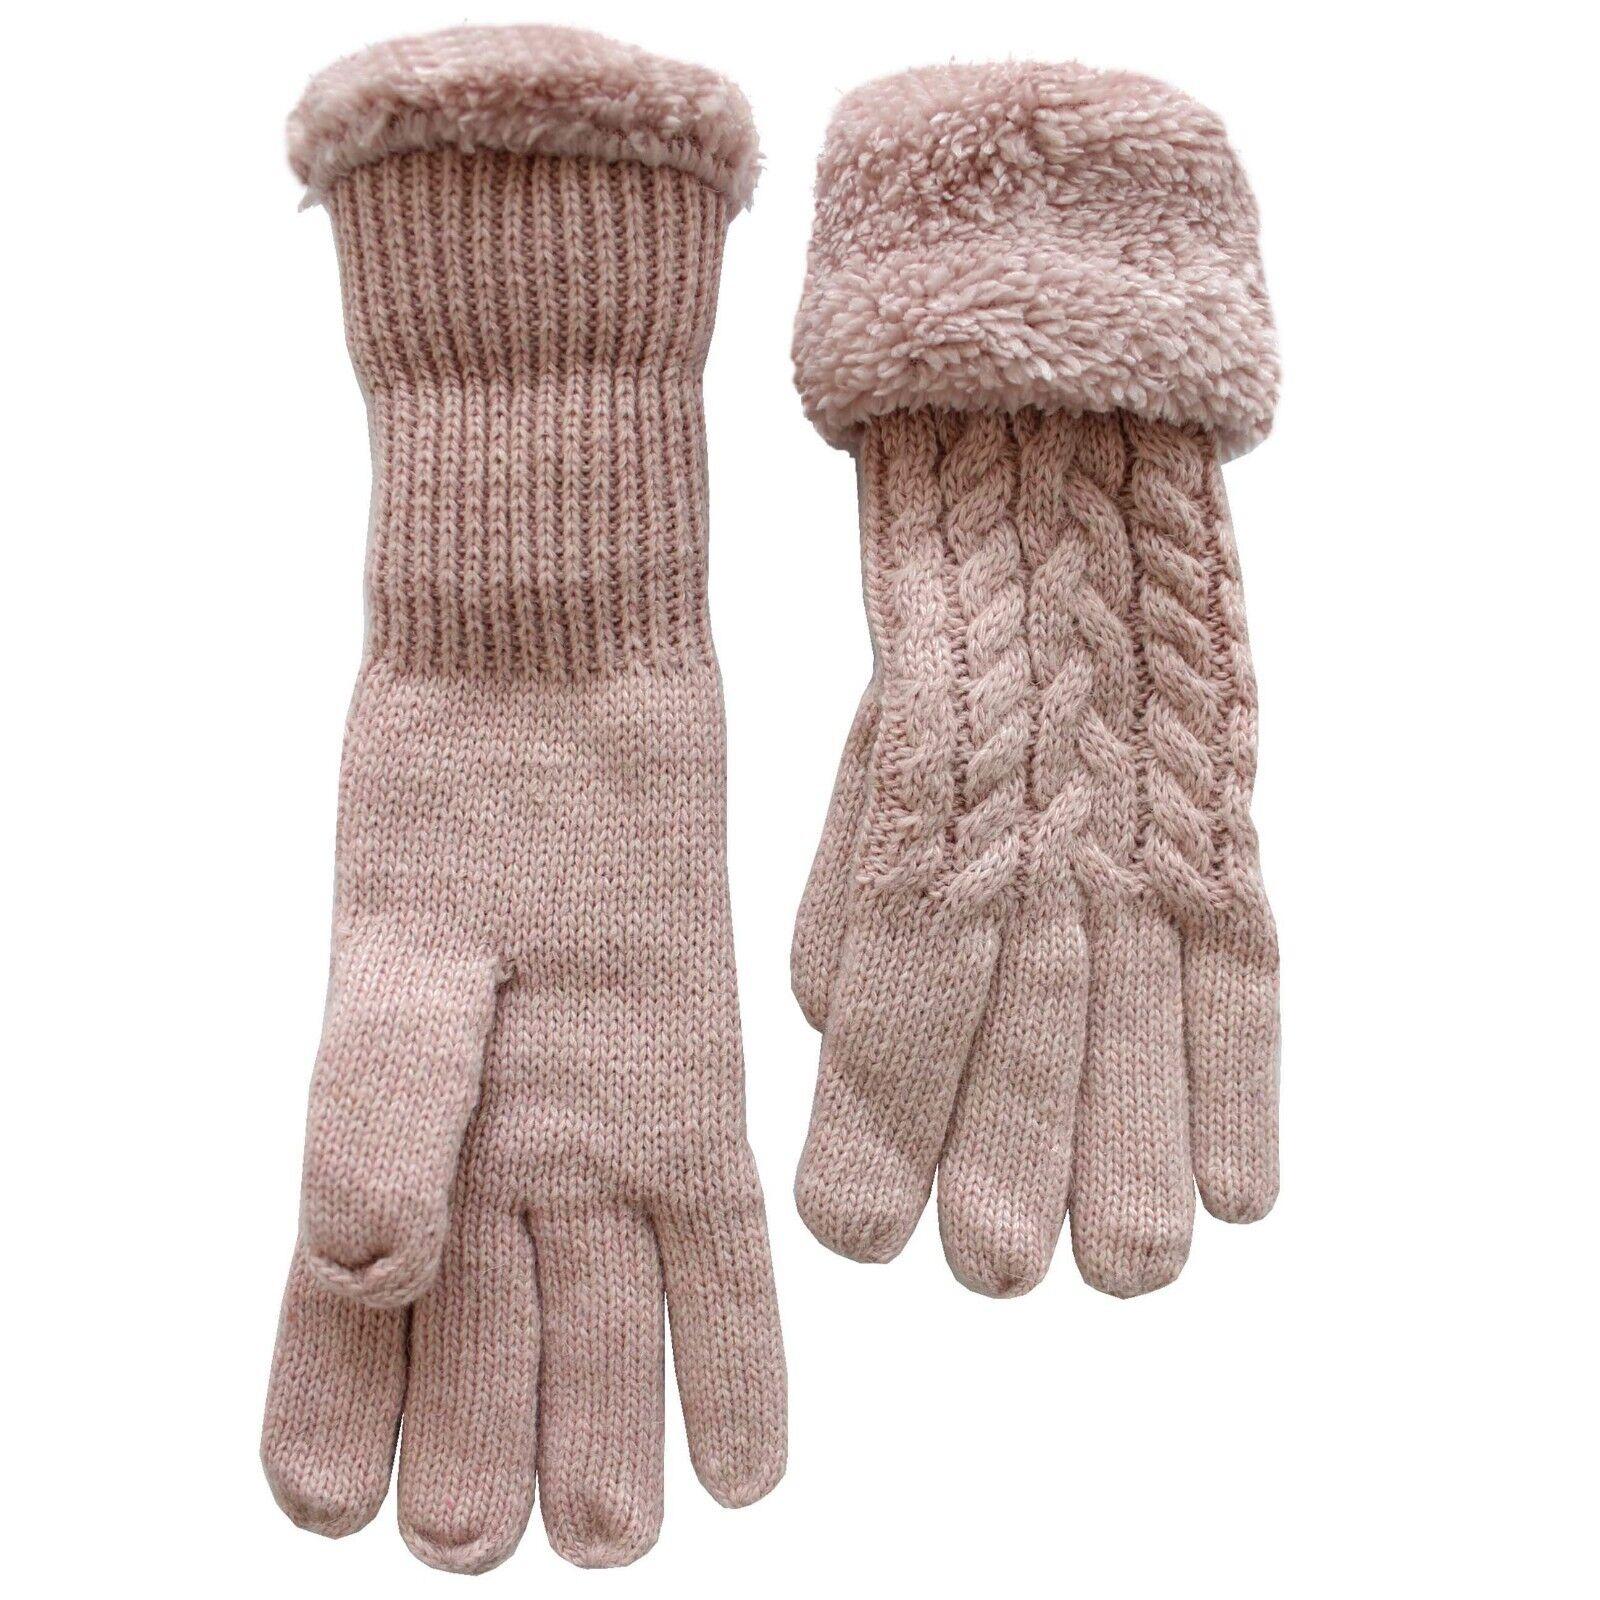 Handschuhe Frau Mischgewebe Wolle Zeigen Zopf Motiv